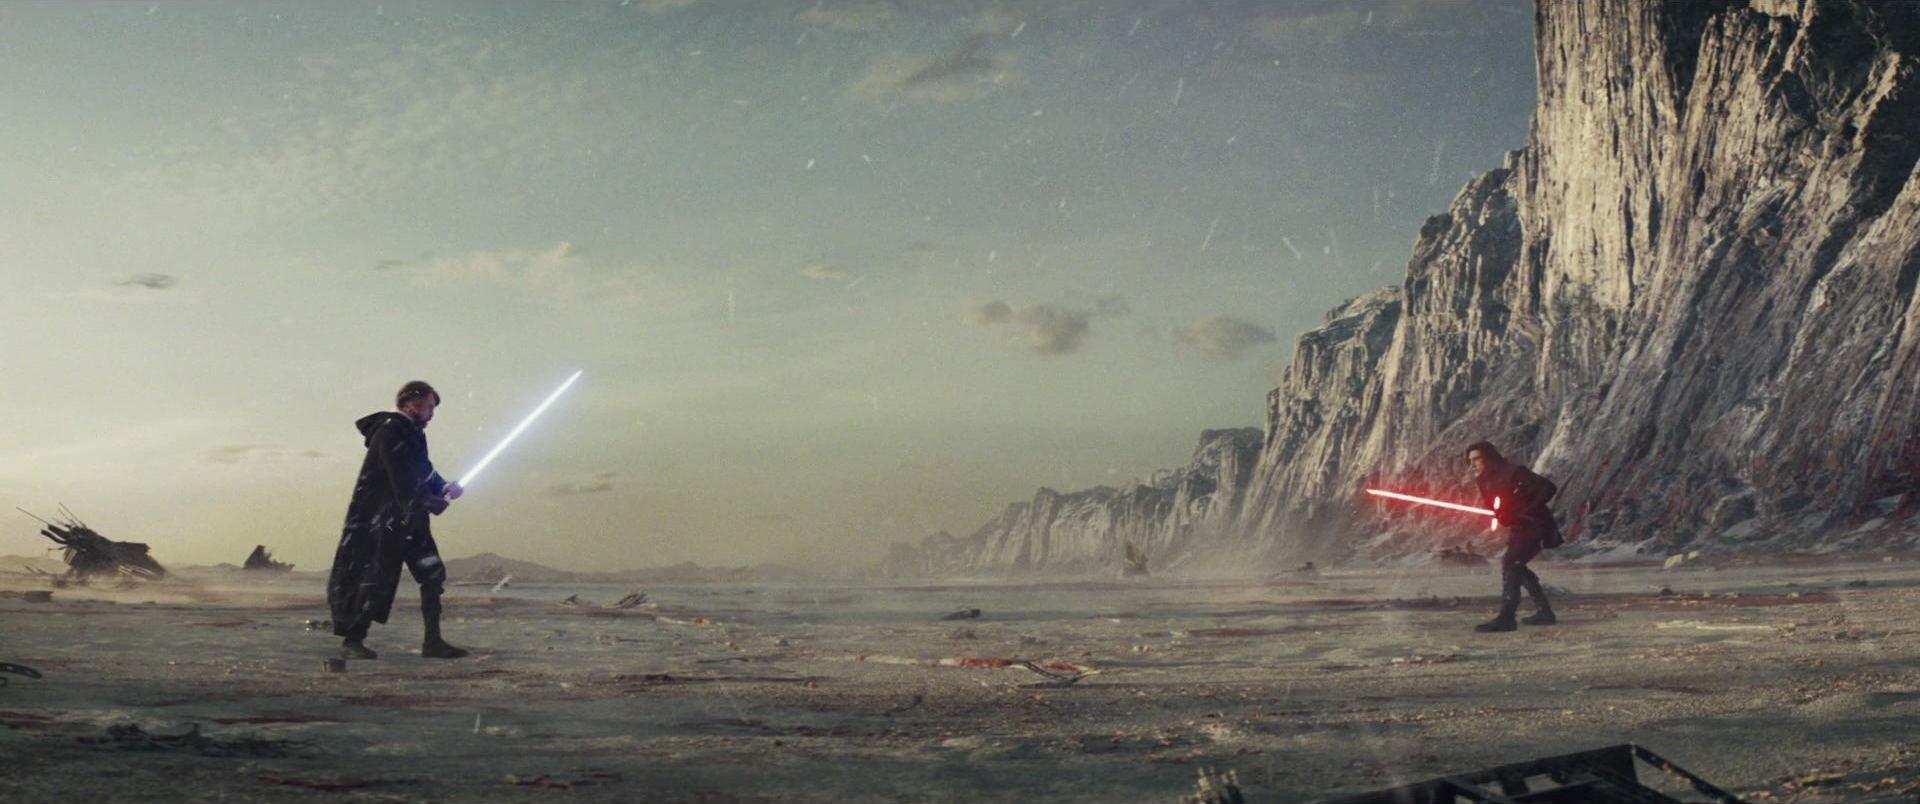 Category Images Of Luke Skywalker Wookieepedia Fandom